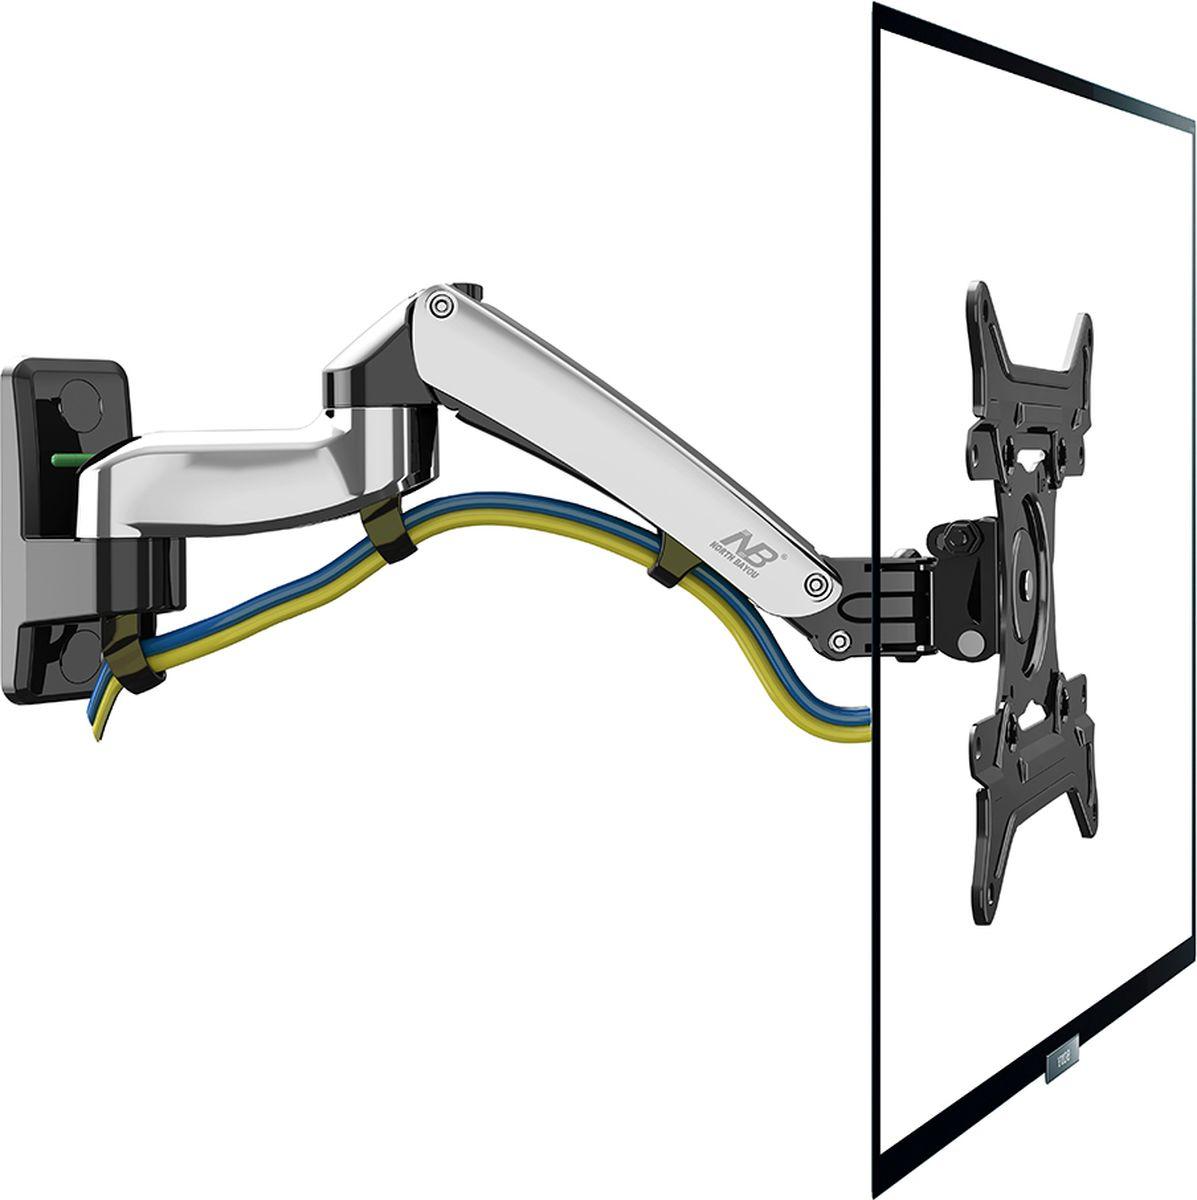 North Bayou NB F300, Chrome кронштейн1CSC20002465Настенный наклонно-поворотный кронштейн с регулировкой по высоте North Bayou NB F300 подходит для телевизоров с диагональю 30-40 и с весом от 5 до 10 кг. Благодаря встроенной газовой пружине вы можете с лёгкостью перемещать телевизор не только влево и вправо, но и вверх и вниз, при этом не прилагая усилий и не производя дополнительной фиксации. Именно технологии надёжных осевых соединений с газовой пружиной позволят вам отрегулировать положение телевизора для самого комфортного просмотра.